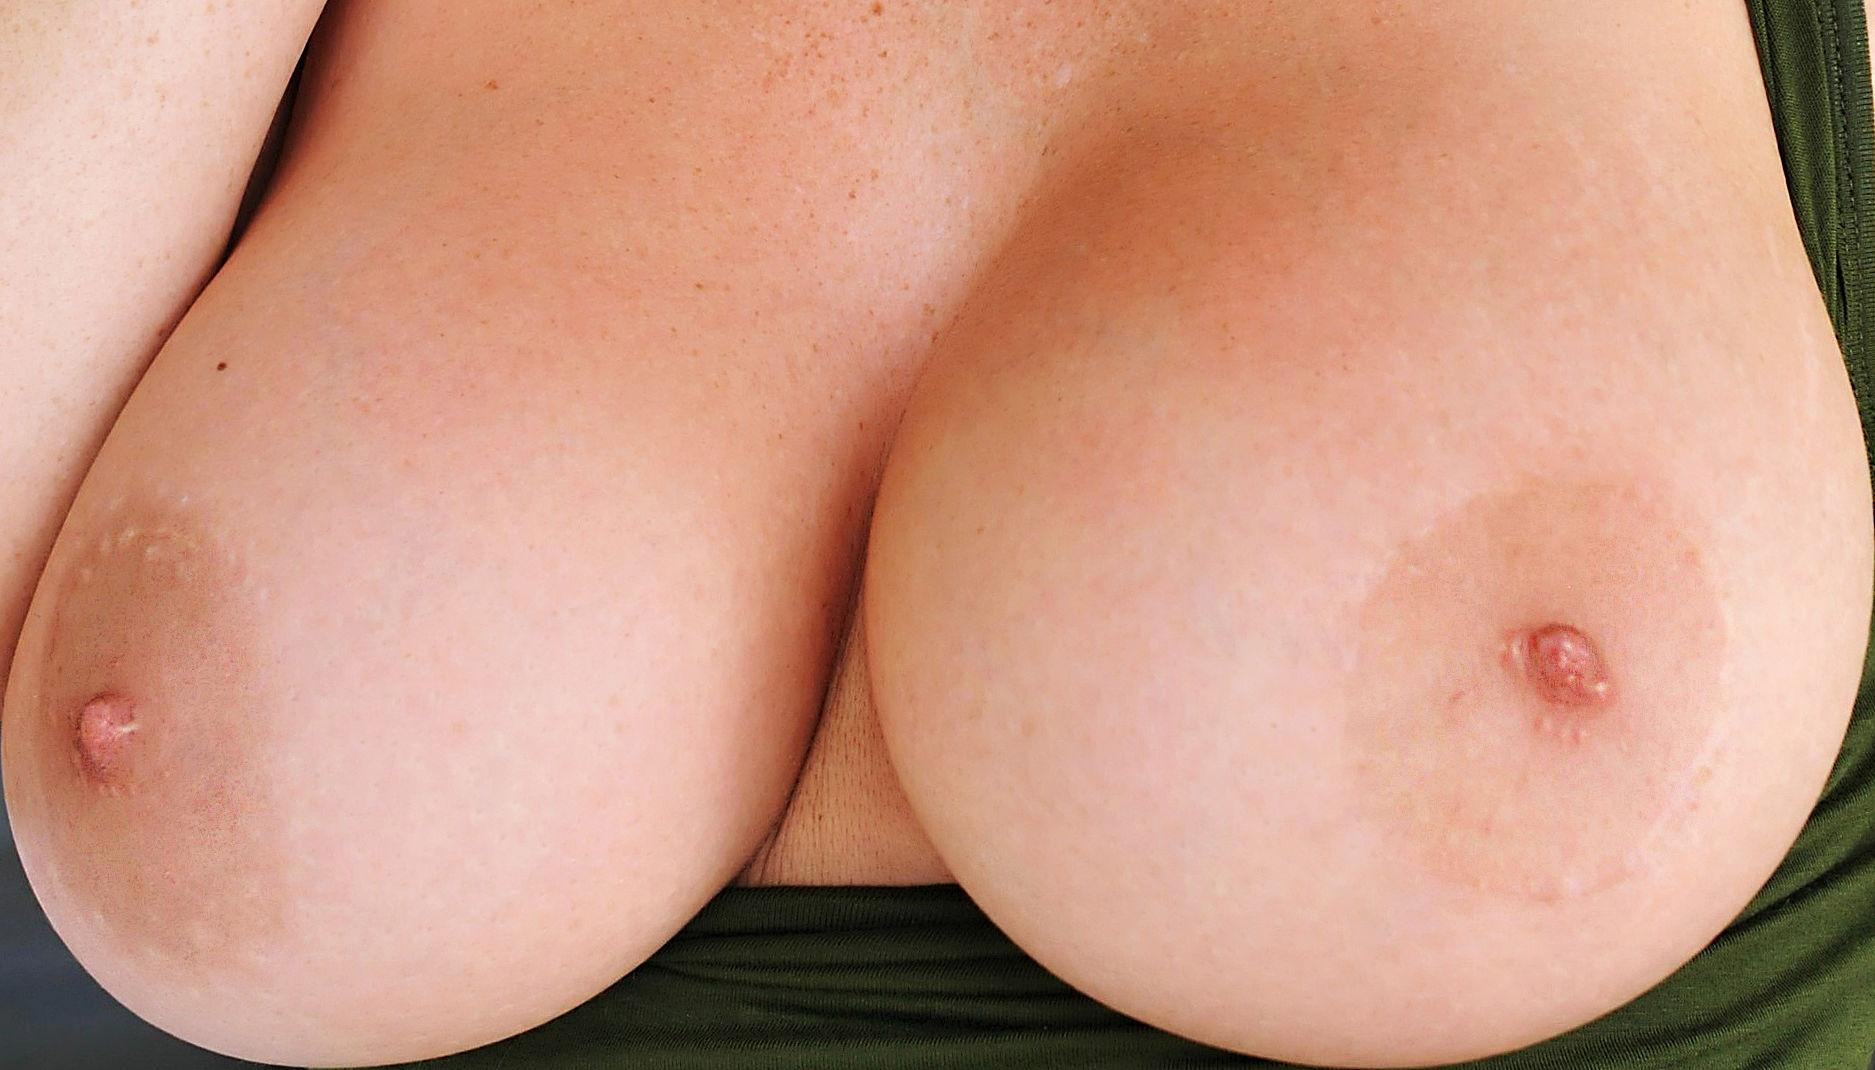 kleine brüste große nippel silikontitten